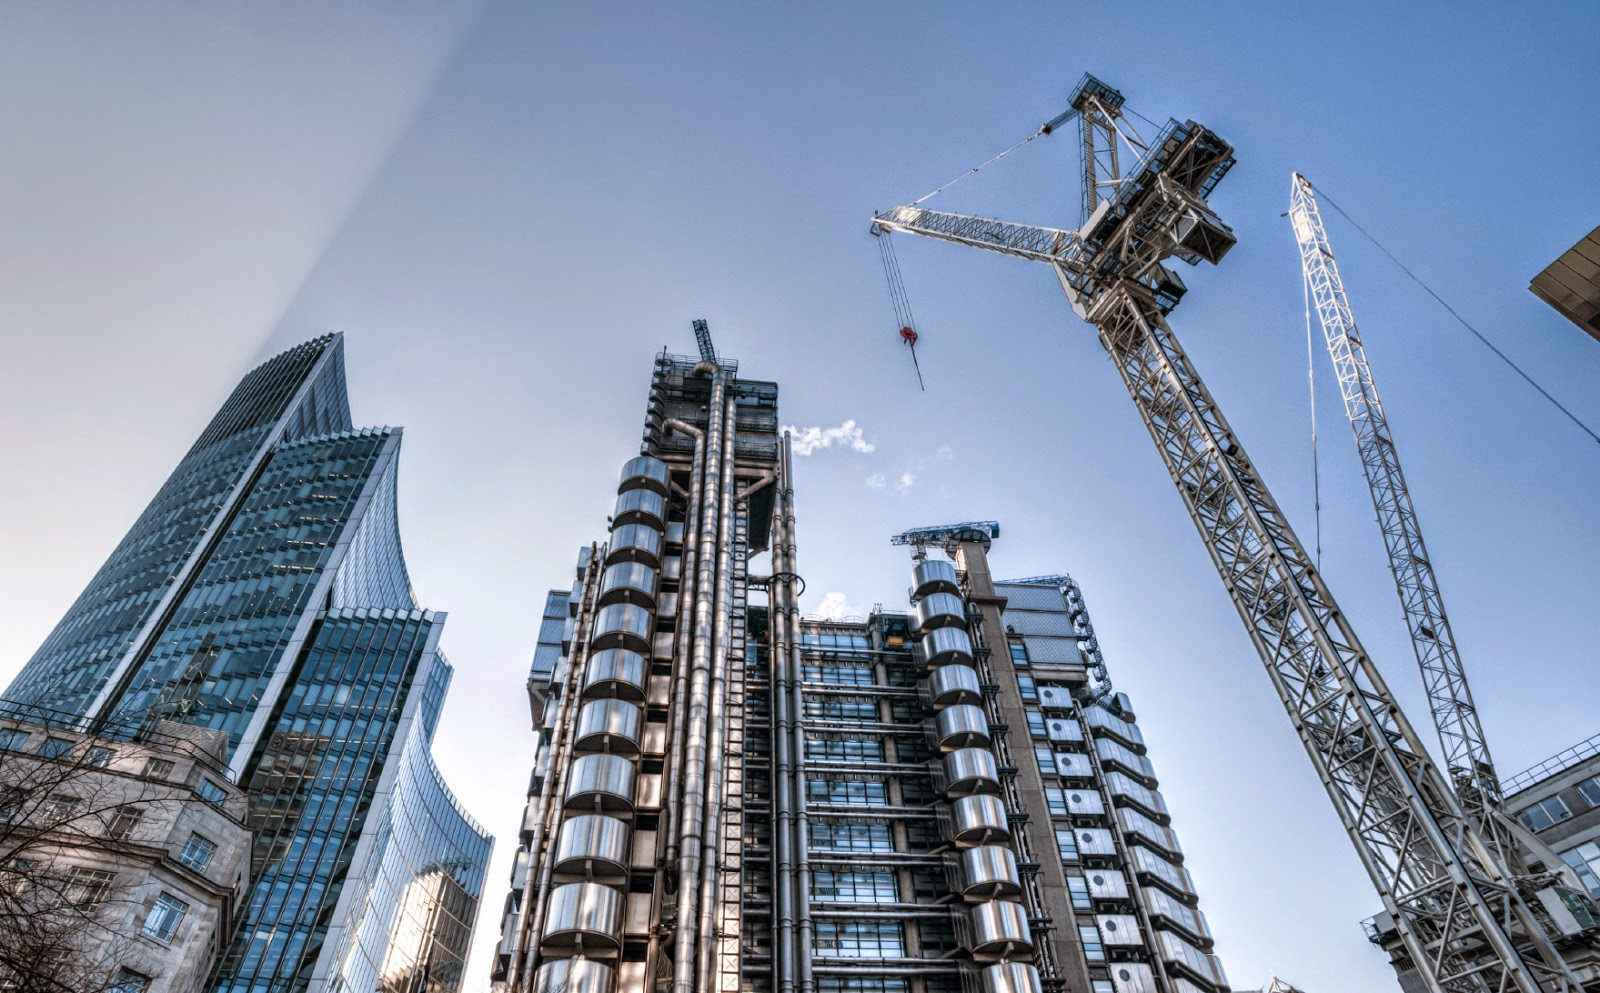 Bangunan Gedung bertingkat, Gedung bertingkat Tinggi, Usaha Konstruksi Gedung bertingkat